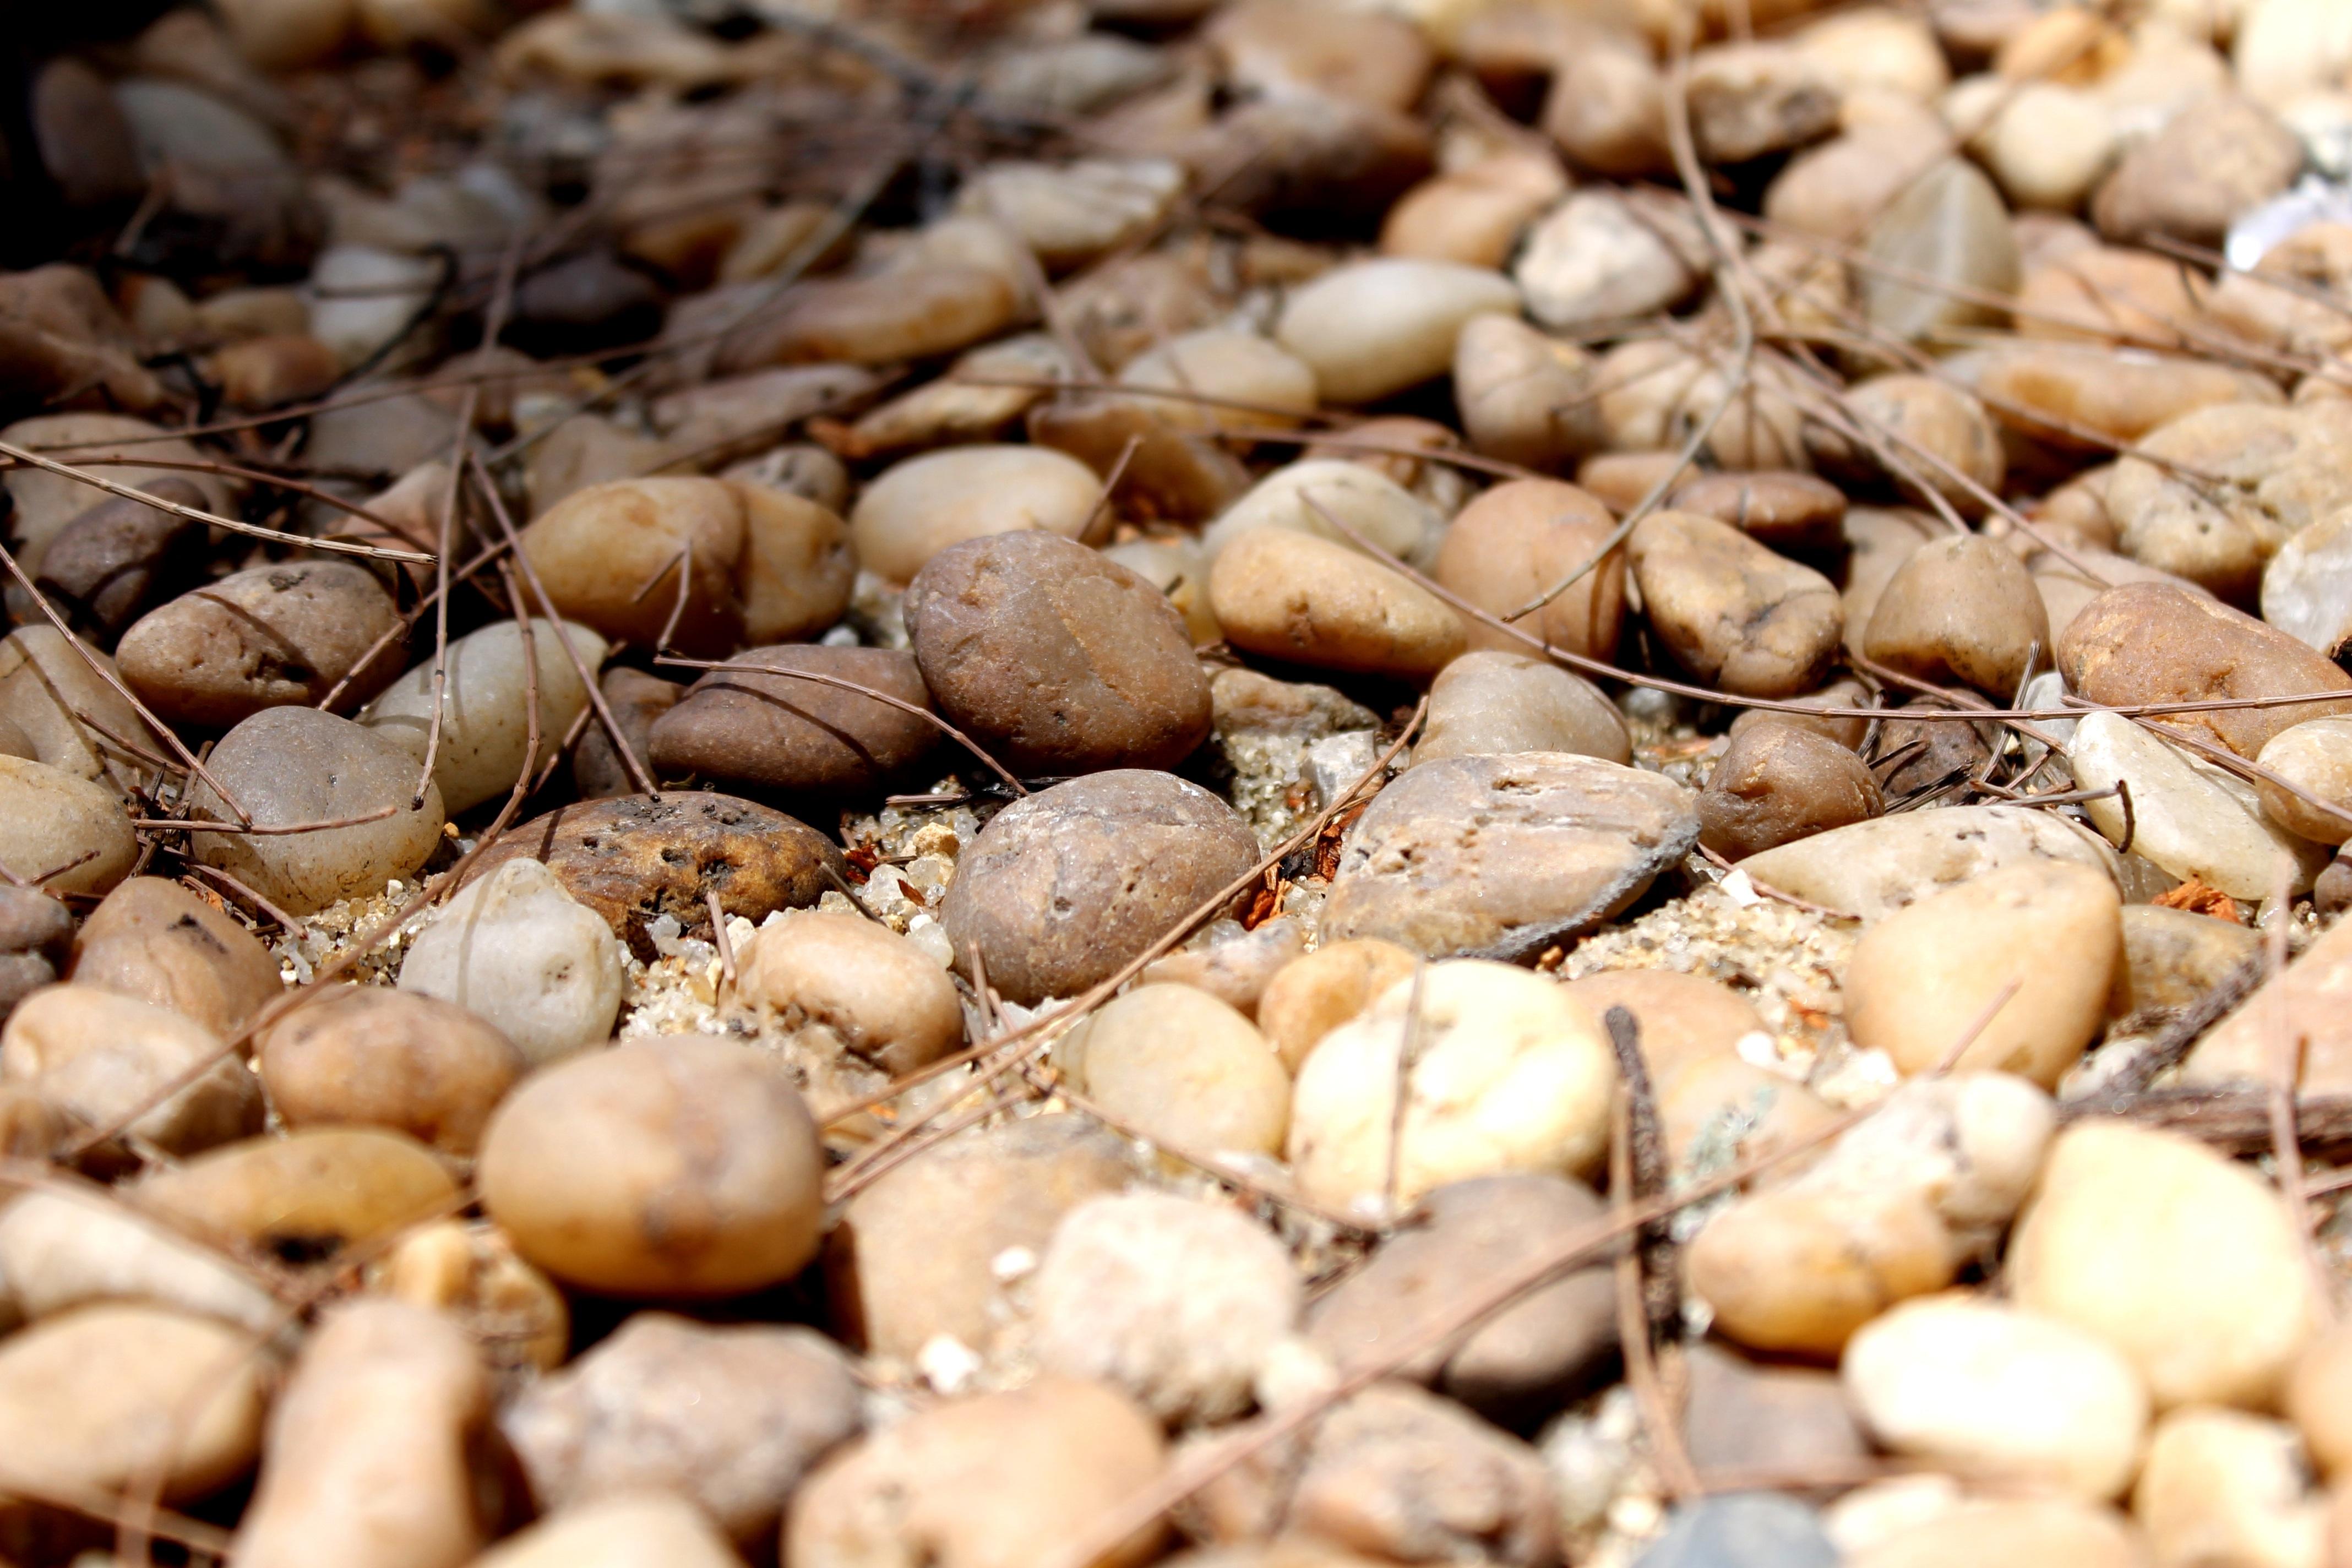 decoracin comida produce vegetal coco piedras planta floreciendo chalote camino de piedra rocas del ro familia